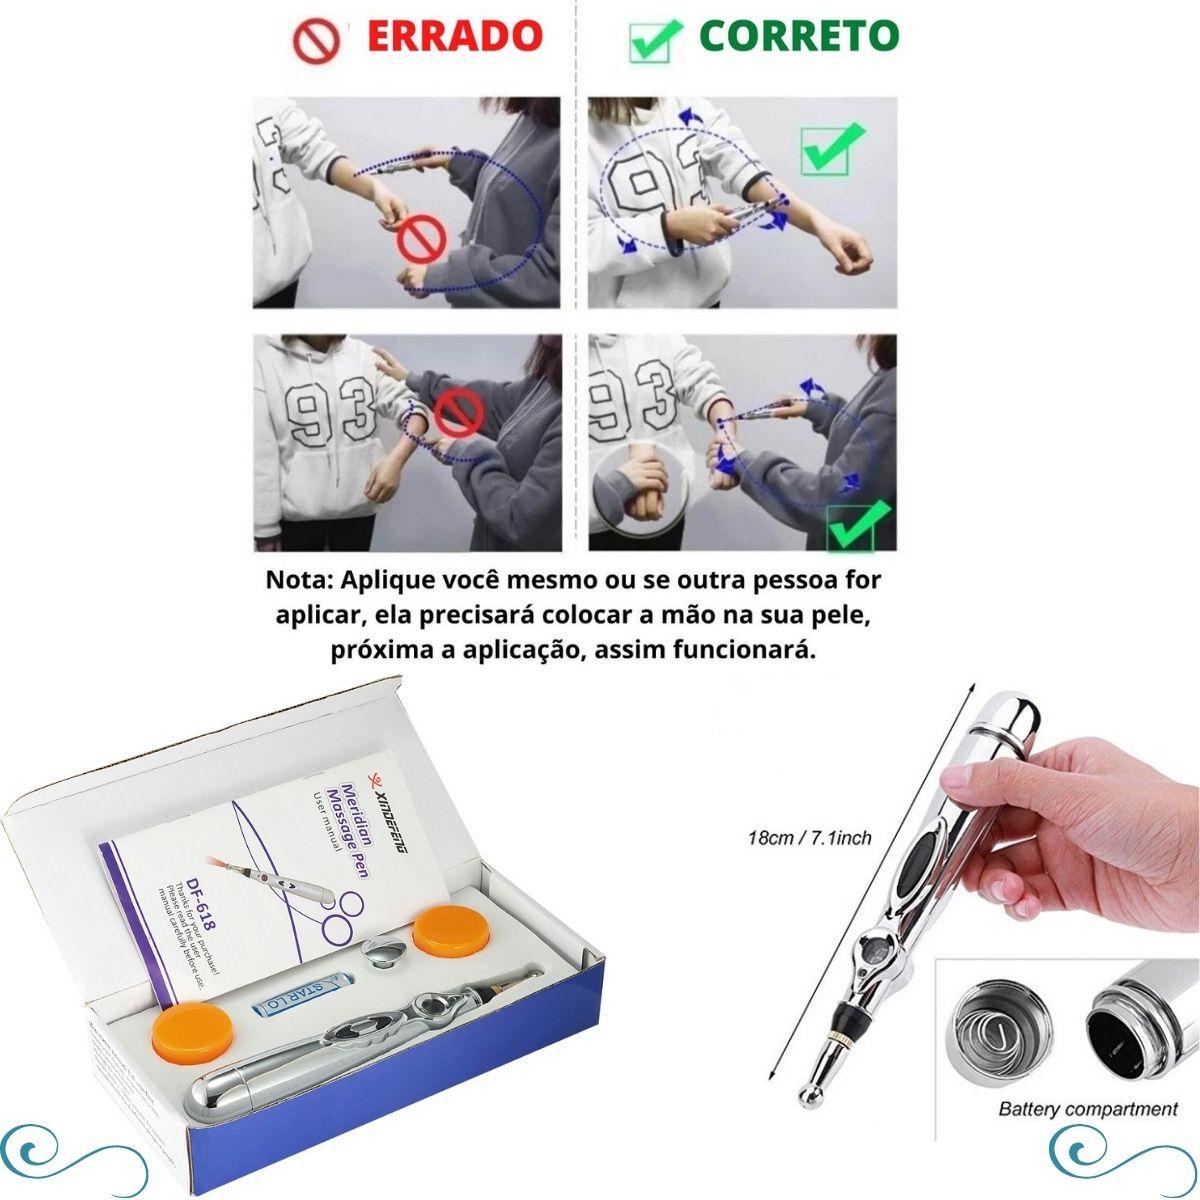 Massageado caneta acupuntura elétrica pulsos eletro estimulante localizado coluna músculo cervical facial - COPY-CANAC02-33